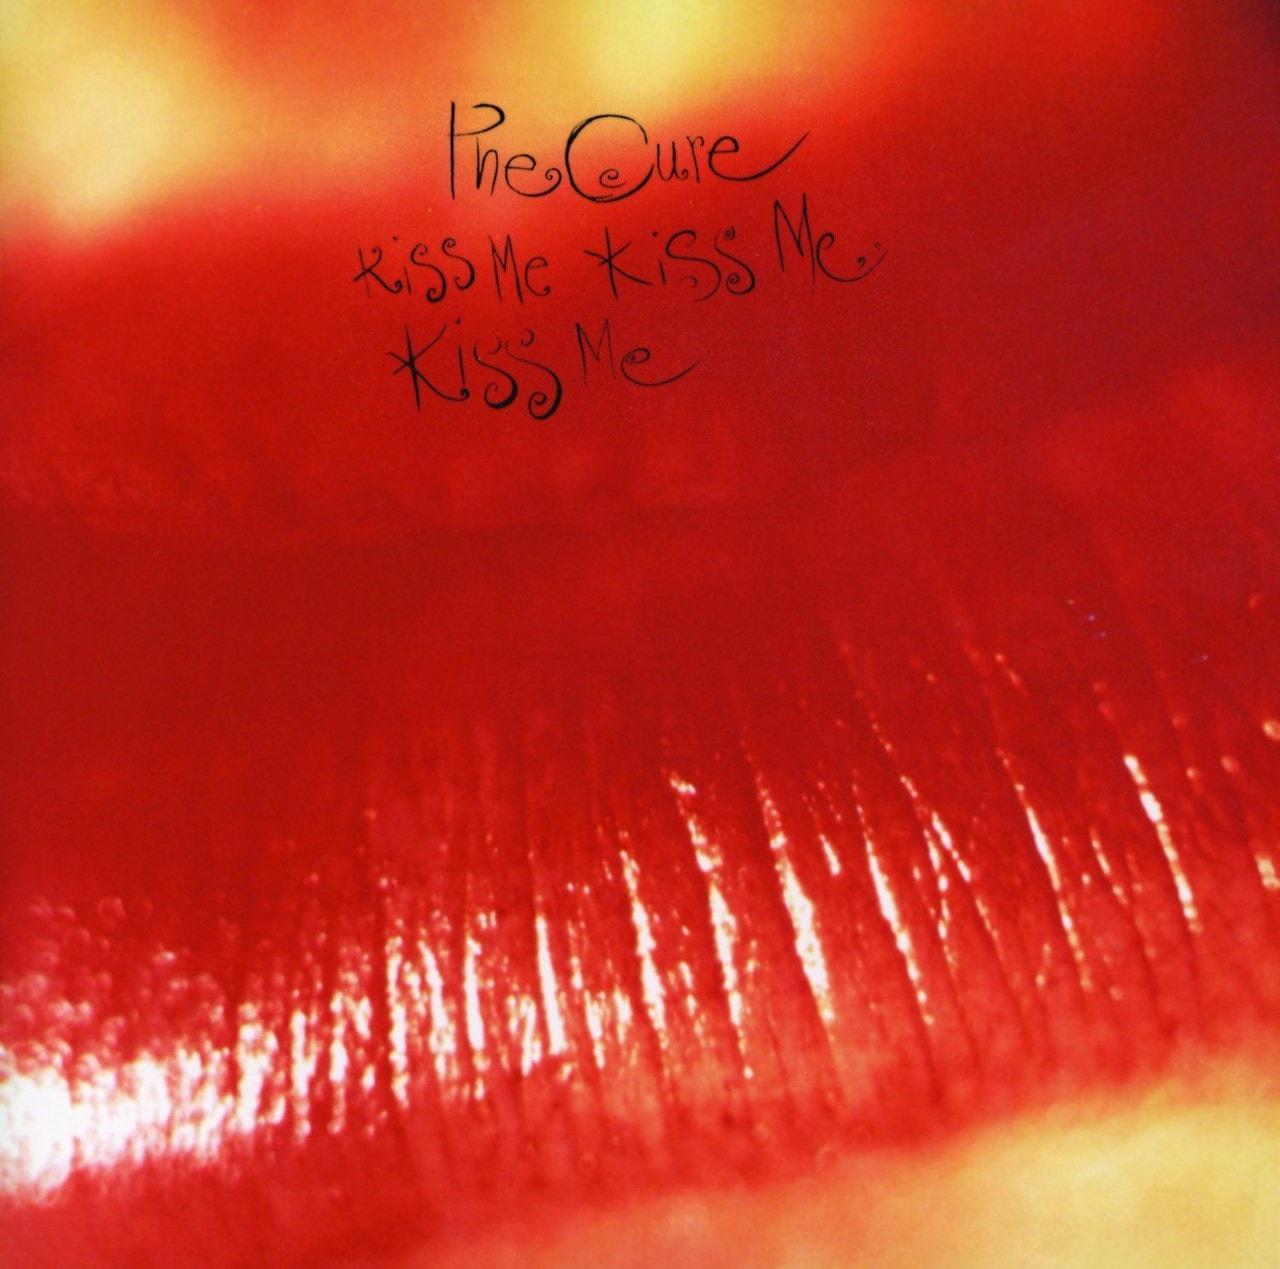 Kiss Me, Kiss Me, Kiss Me - 1